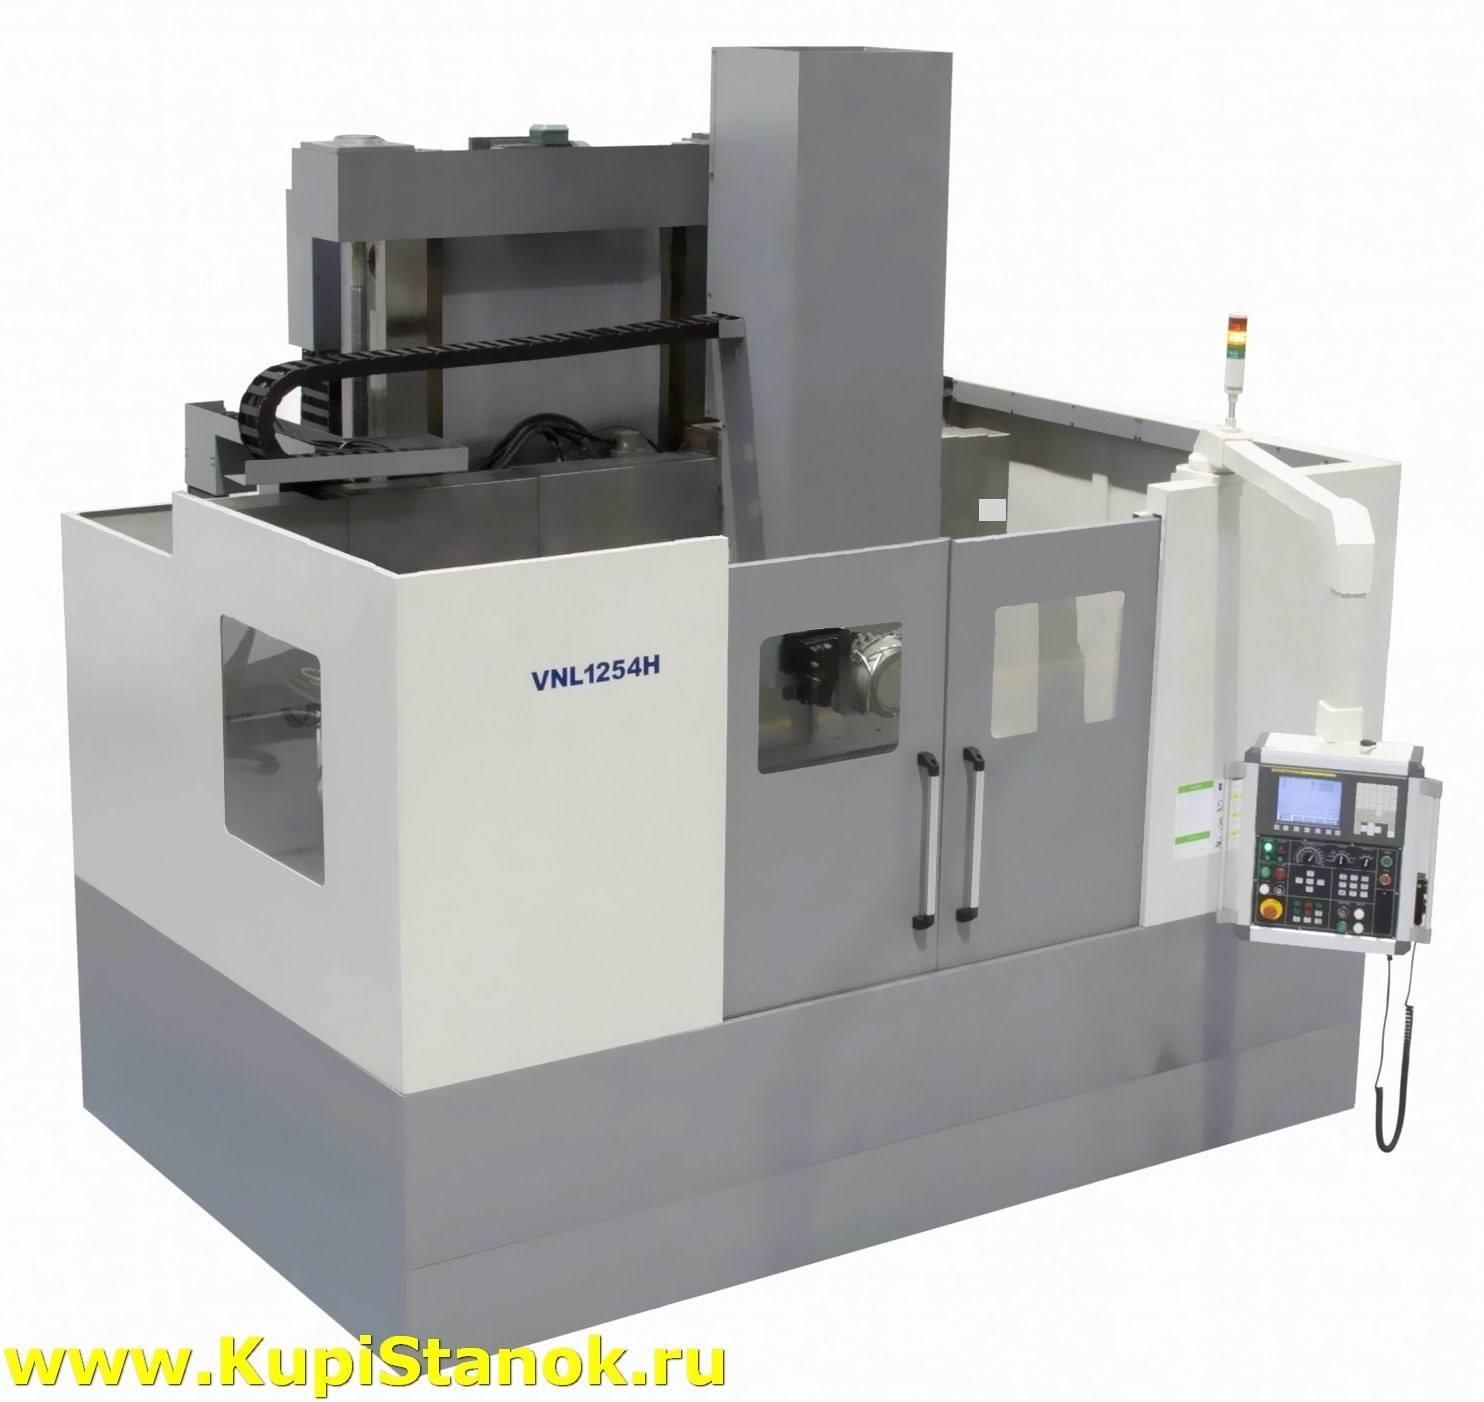 VNL803H